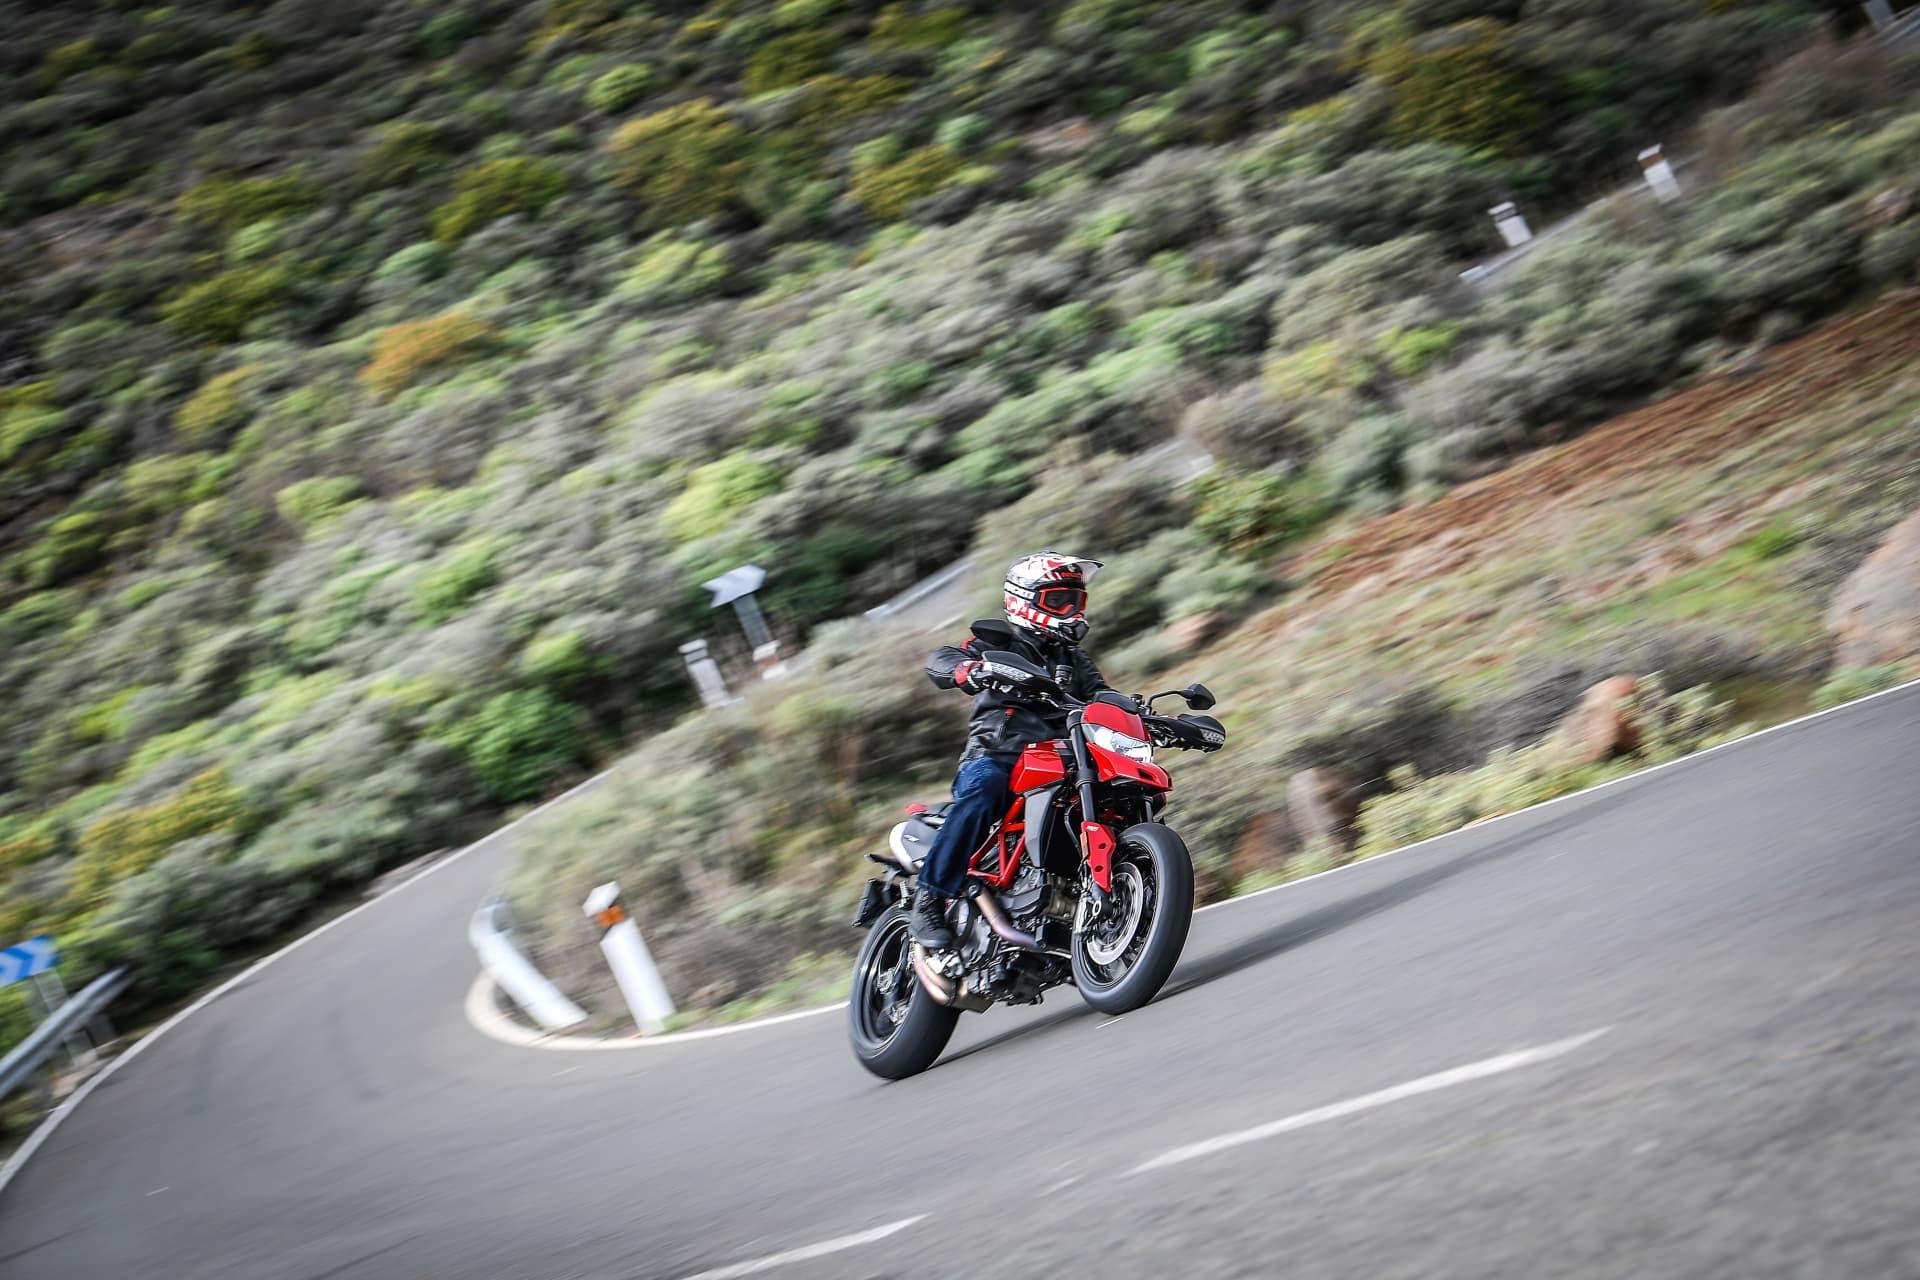 Ducati Hypermotard 950 Action 04 Uc70362 Mid